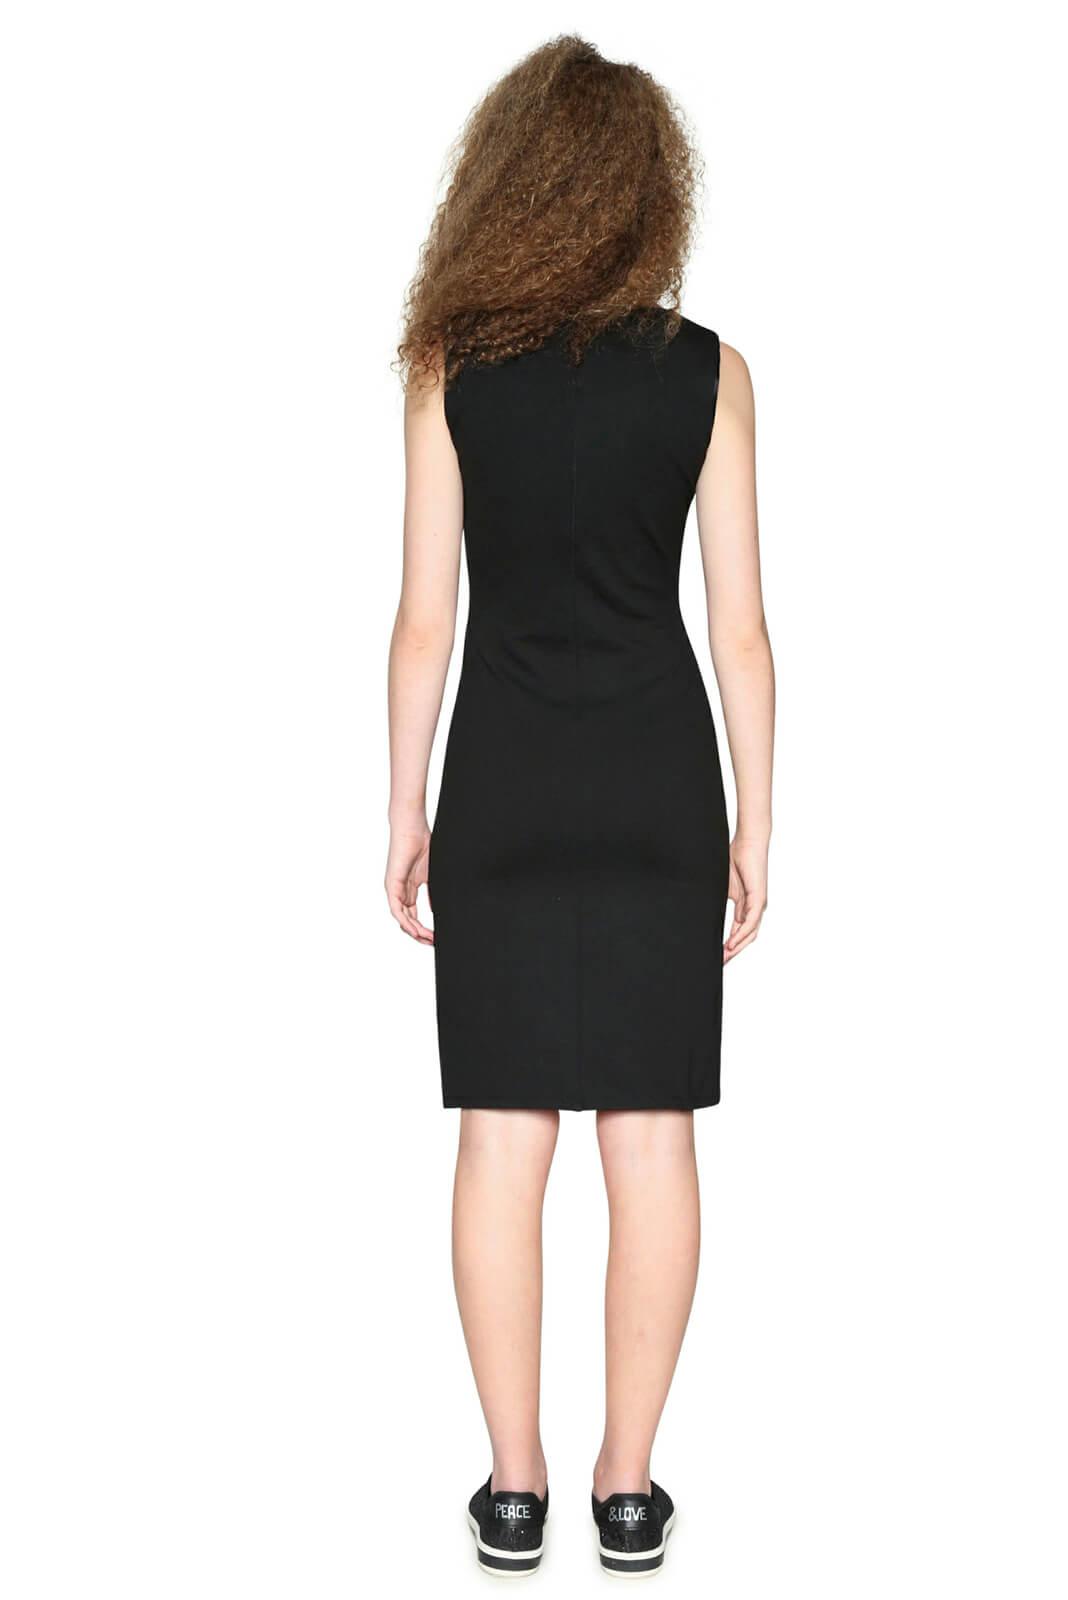 Desigual Dámske šaty Vest Dsgl-Original 18SWVKBD 2000 V akcii.  Predchádzajúci  Ďalšie   3ed6655985b